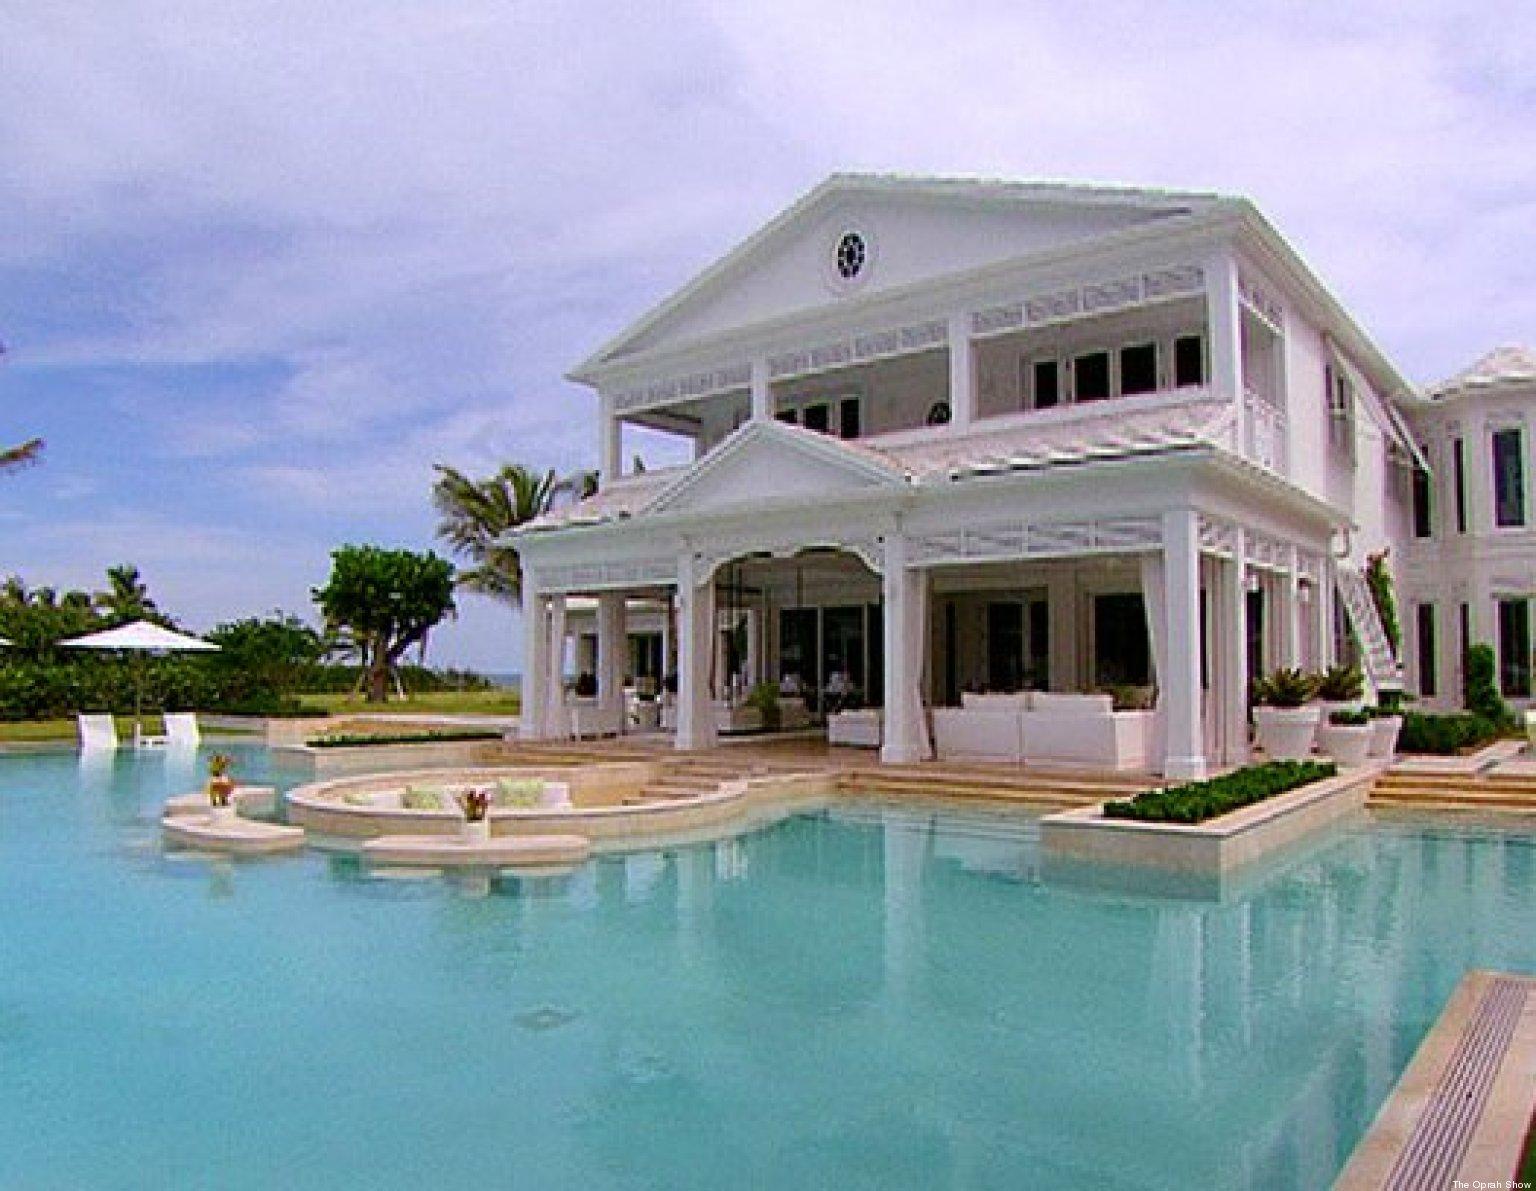 Residenze vip: le case di vacanza delle star di Hollywood ...